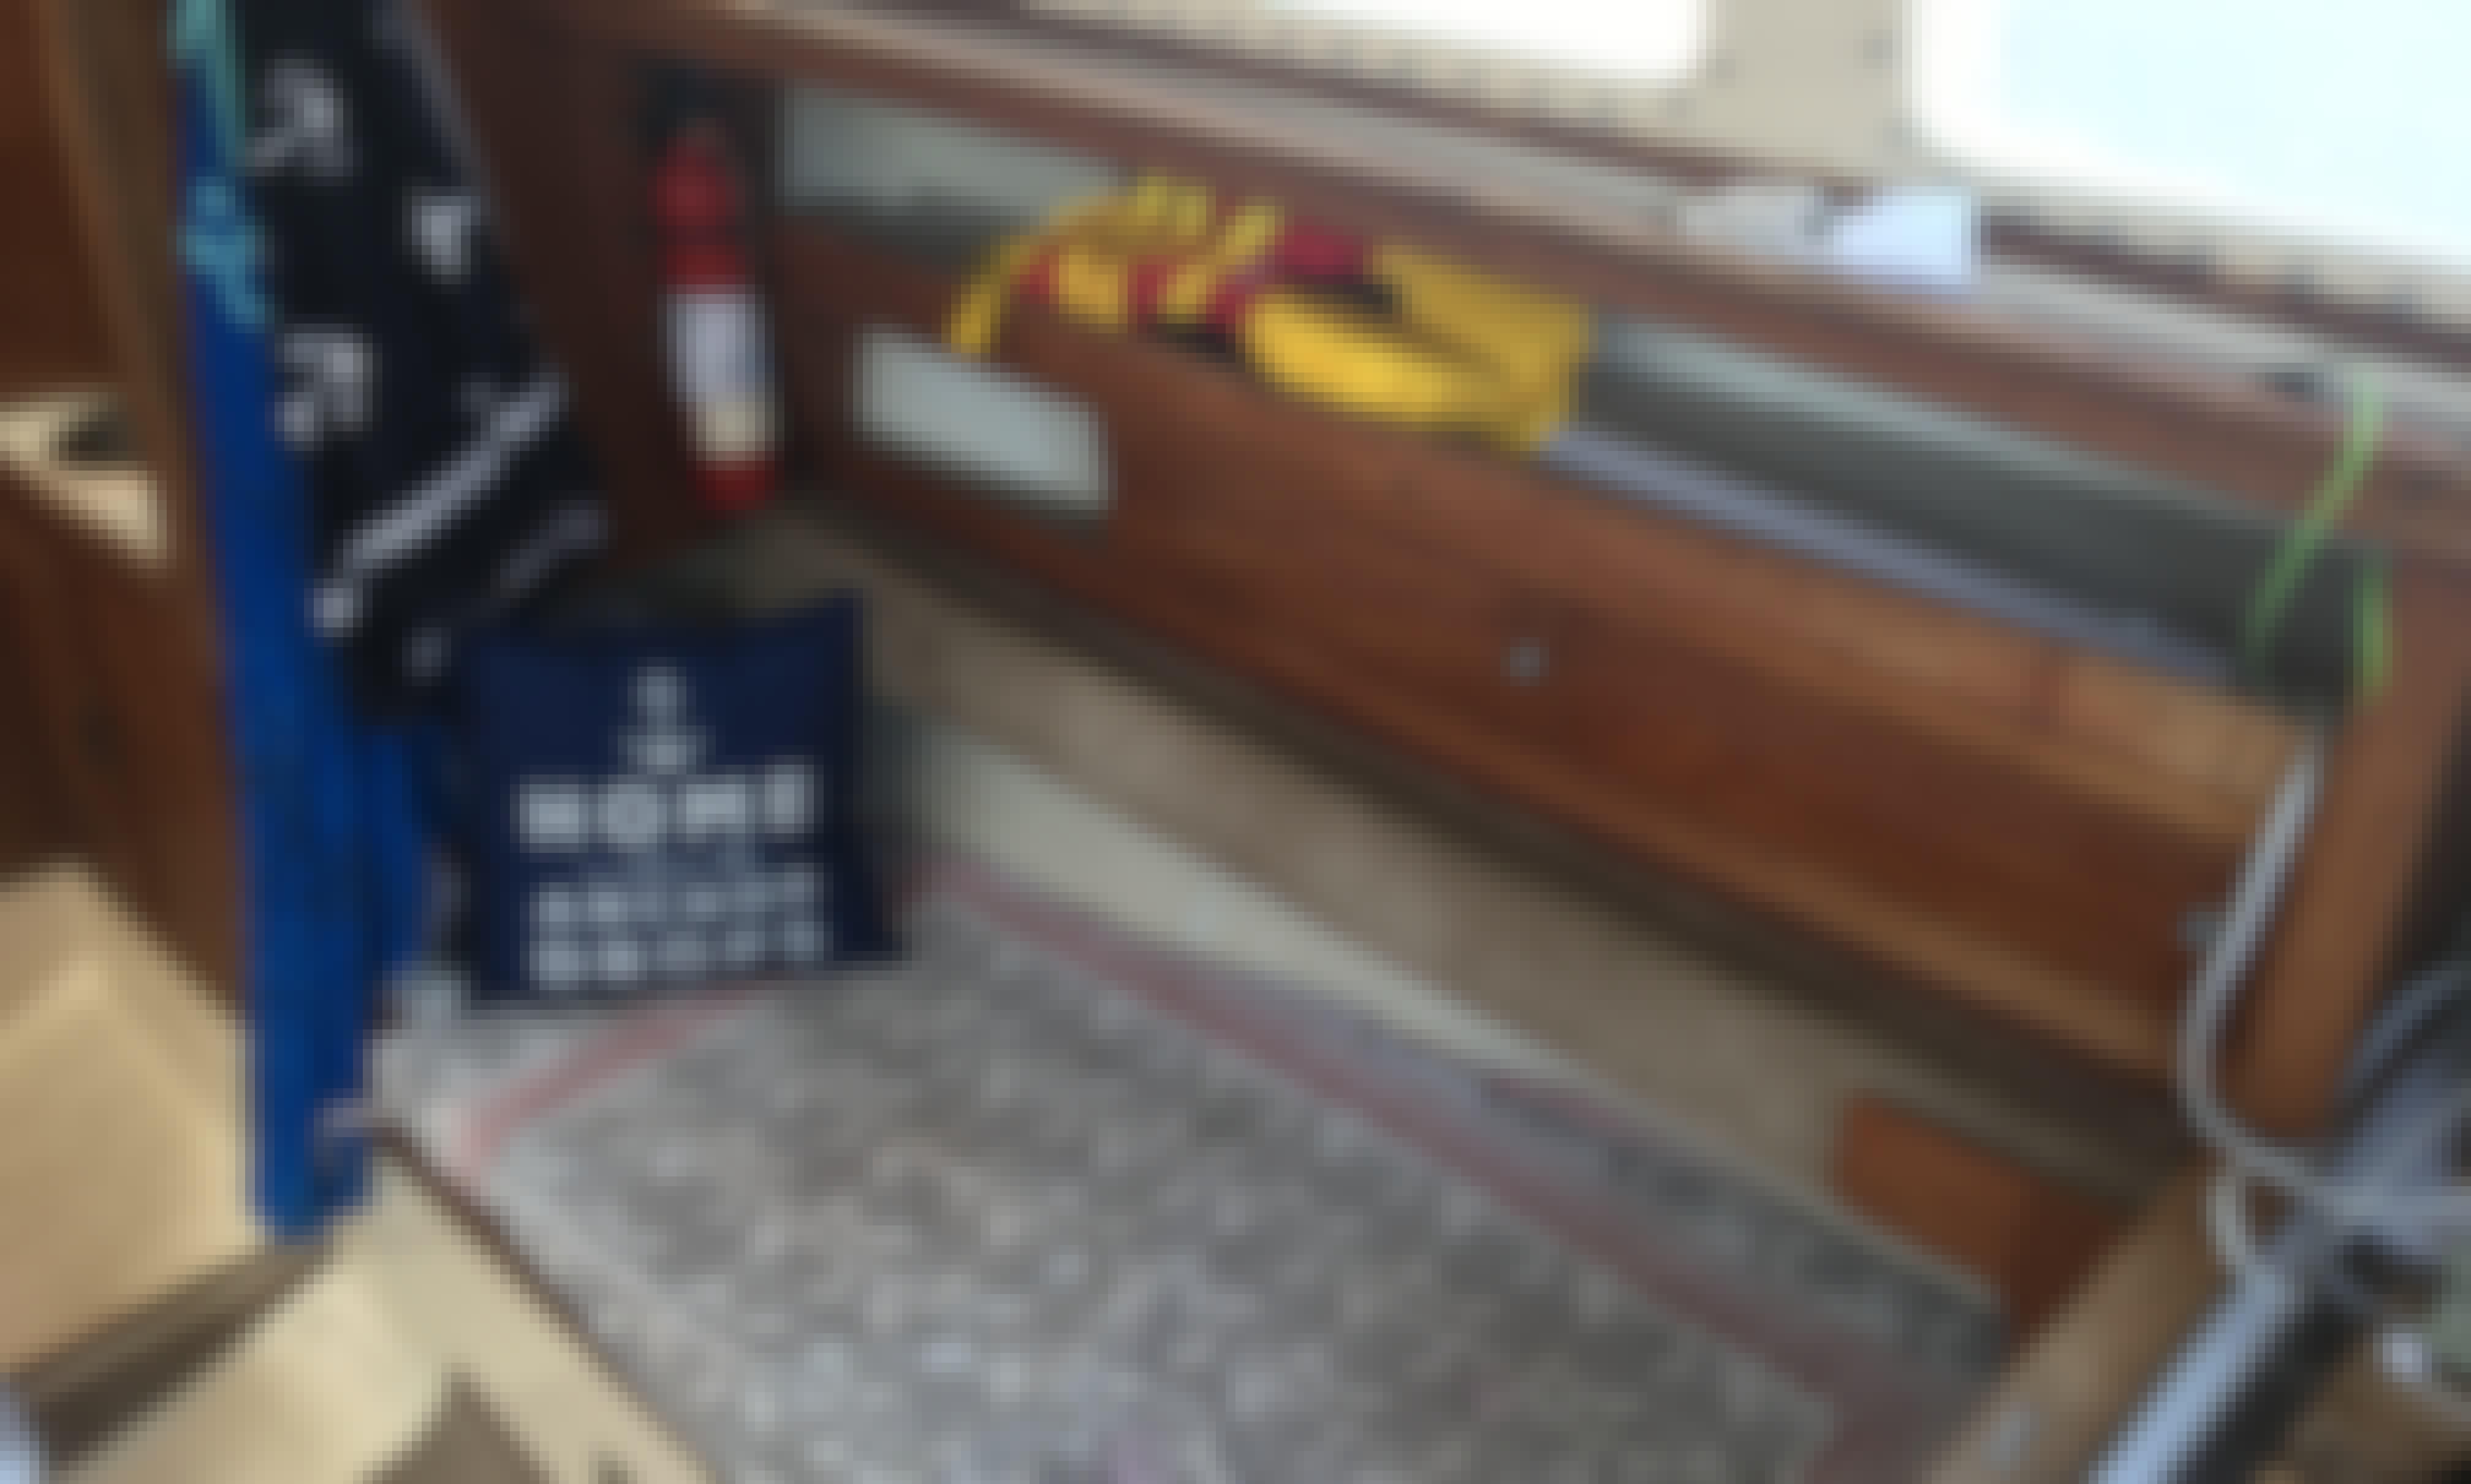 Anyone can sail this Ranger 29 on SF Bay (Berkeley Marina)